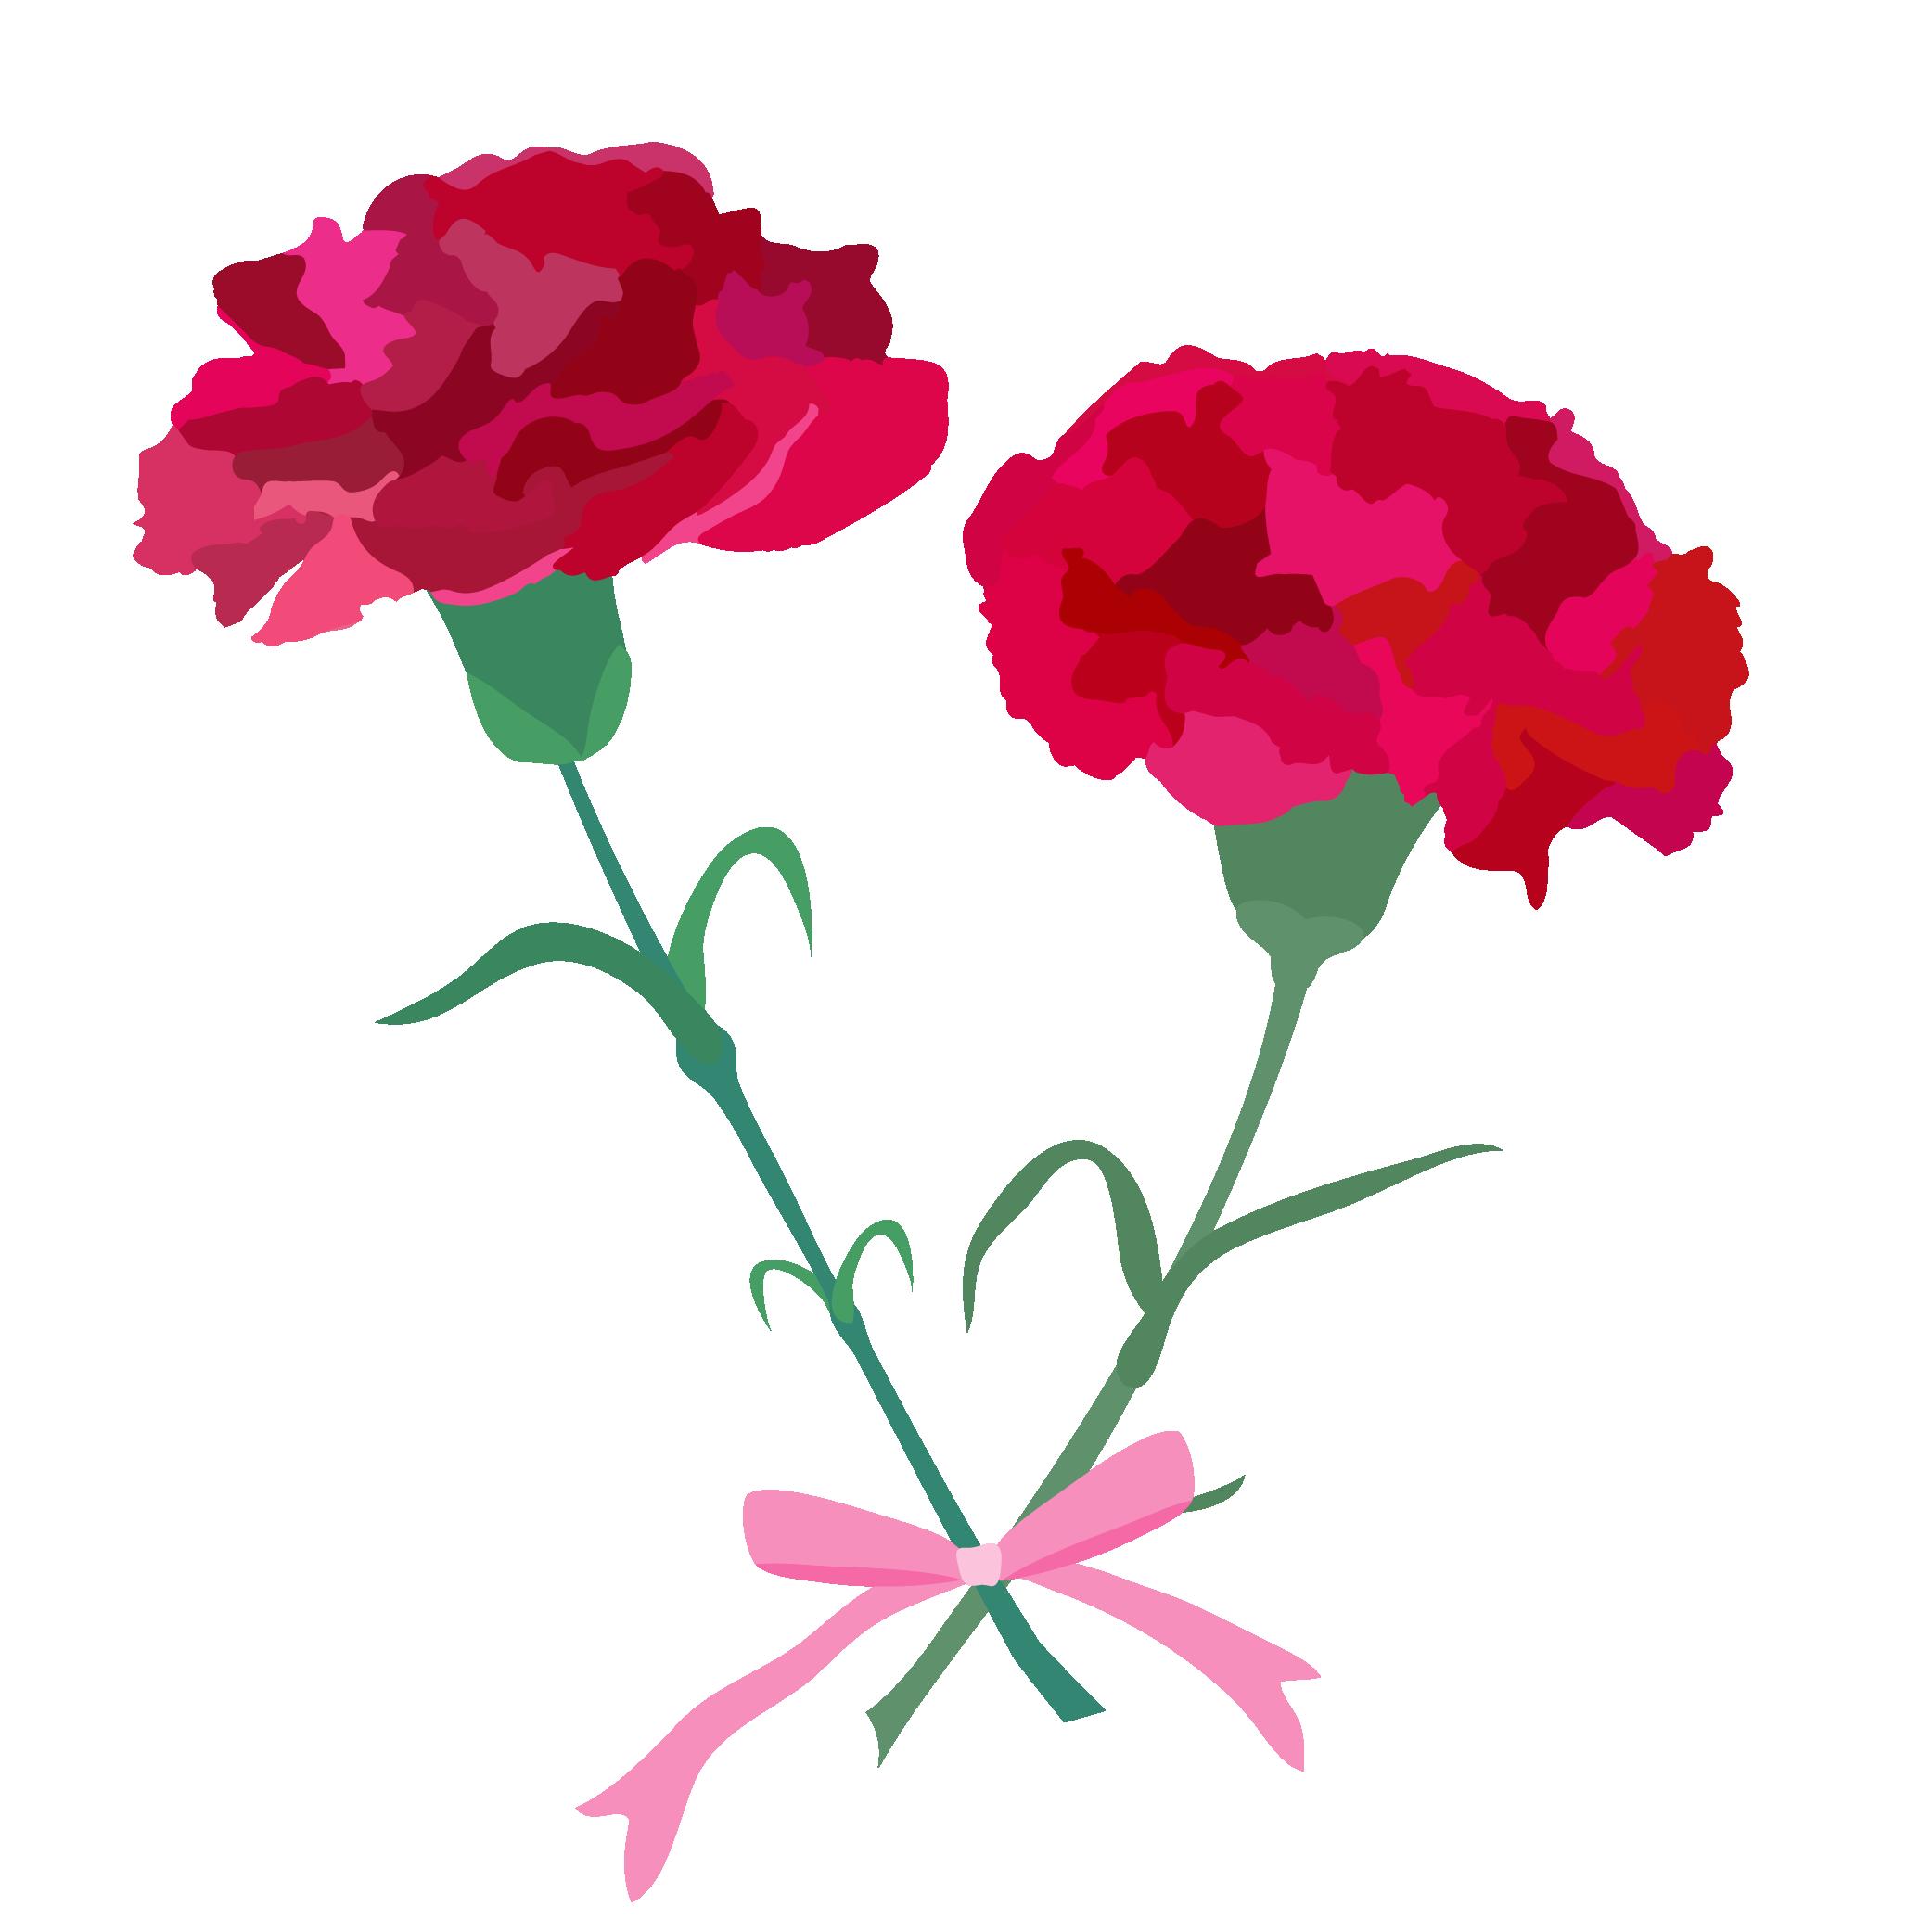 春におすすめの商用利用可能な無料イラスト素材 21 カーネーション イラスト イラスト 花束 カーネーション